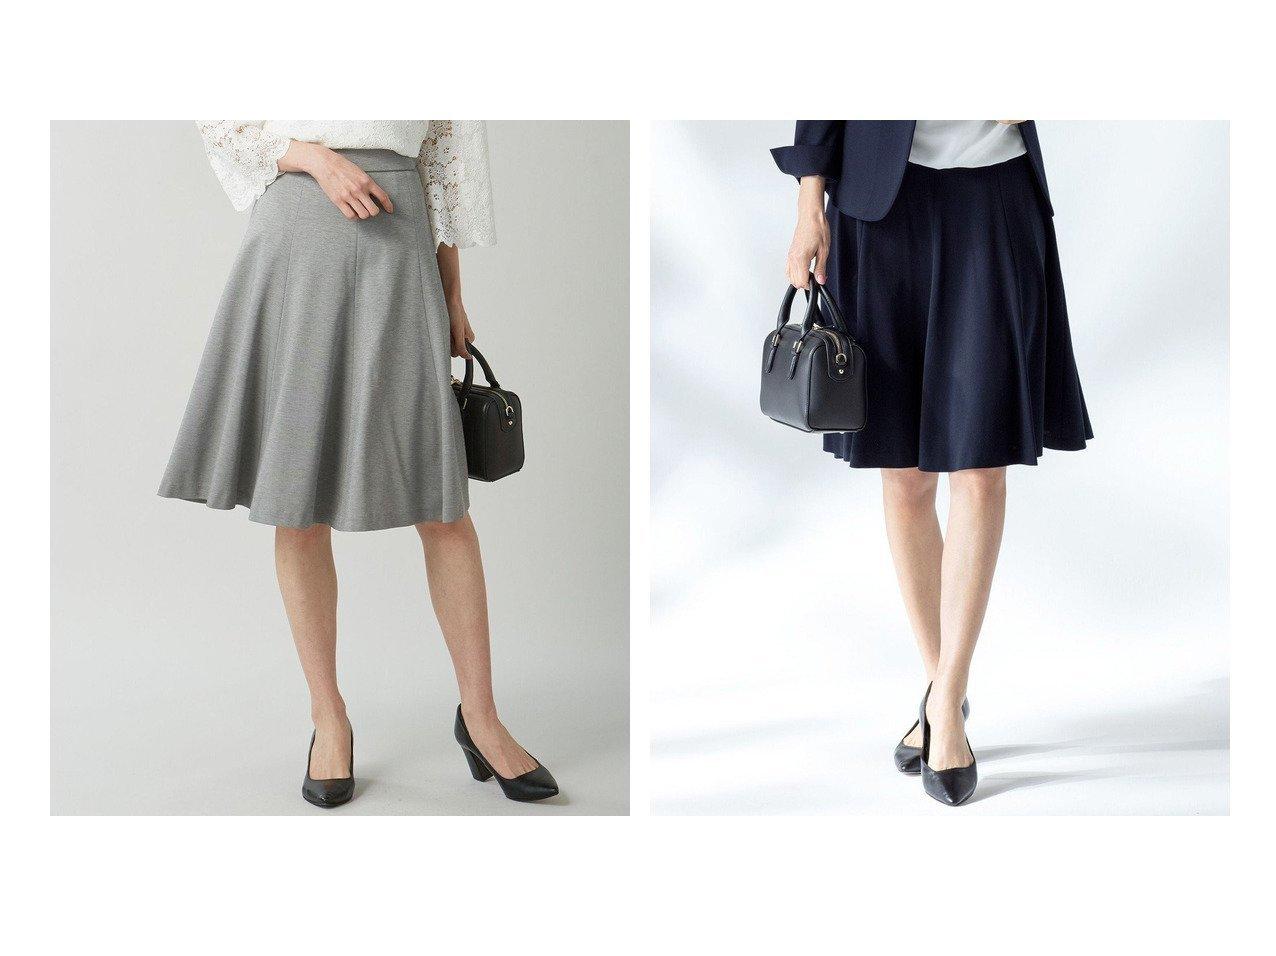 【KUMIKYOKU/組曲】の【セットアップ対応】E コンパクトモクロディ フレアスカート 【スカート】おすすめ!人気、トレンド・レディースファッションの通販  おすすめで人気の流行・トレンド、ファッションの通販商品 メンズファッション・キッズファッション・インテリア・家具・レディースファッション・服の通販 founy(ファニー) https://founy.com/ ファッション Fashion レディースファッション WOMEN セットアップ Setup スカート Skirt スカート Skirt Aライン/フレアスカート Flared A-Line Skirts アンサンブル 洗える 今季 軽量 シルク ジャケット ジャージ ストレッチ セットアップ ドレープ フレア 2021年 2021 再入荷 Restock/Back in Stock/Re Arrival S/S・春夏 SS・Spring/Summer 2021春夏・S/S SS/Spring/Summer/2021 送料無料 Free Shipping おすすめ Recommend |ID:crp329100000033950